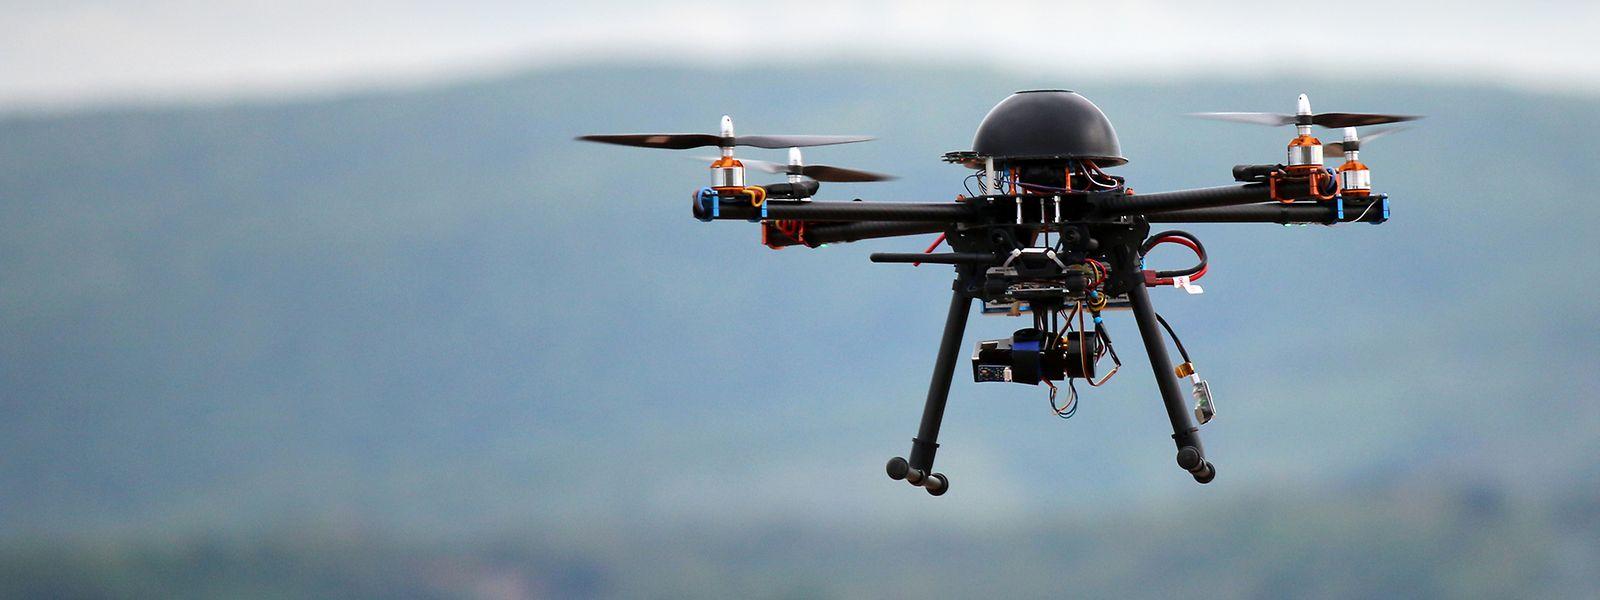 Die ferngesteuerten Fluggeräte müssen aus Sicherheitsgründen am Boden bleiben.